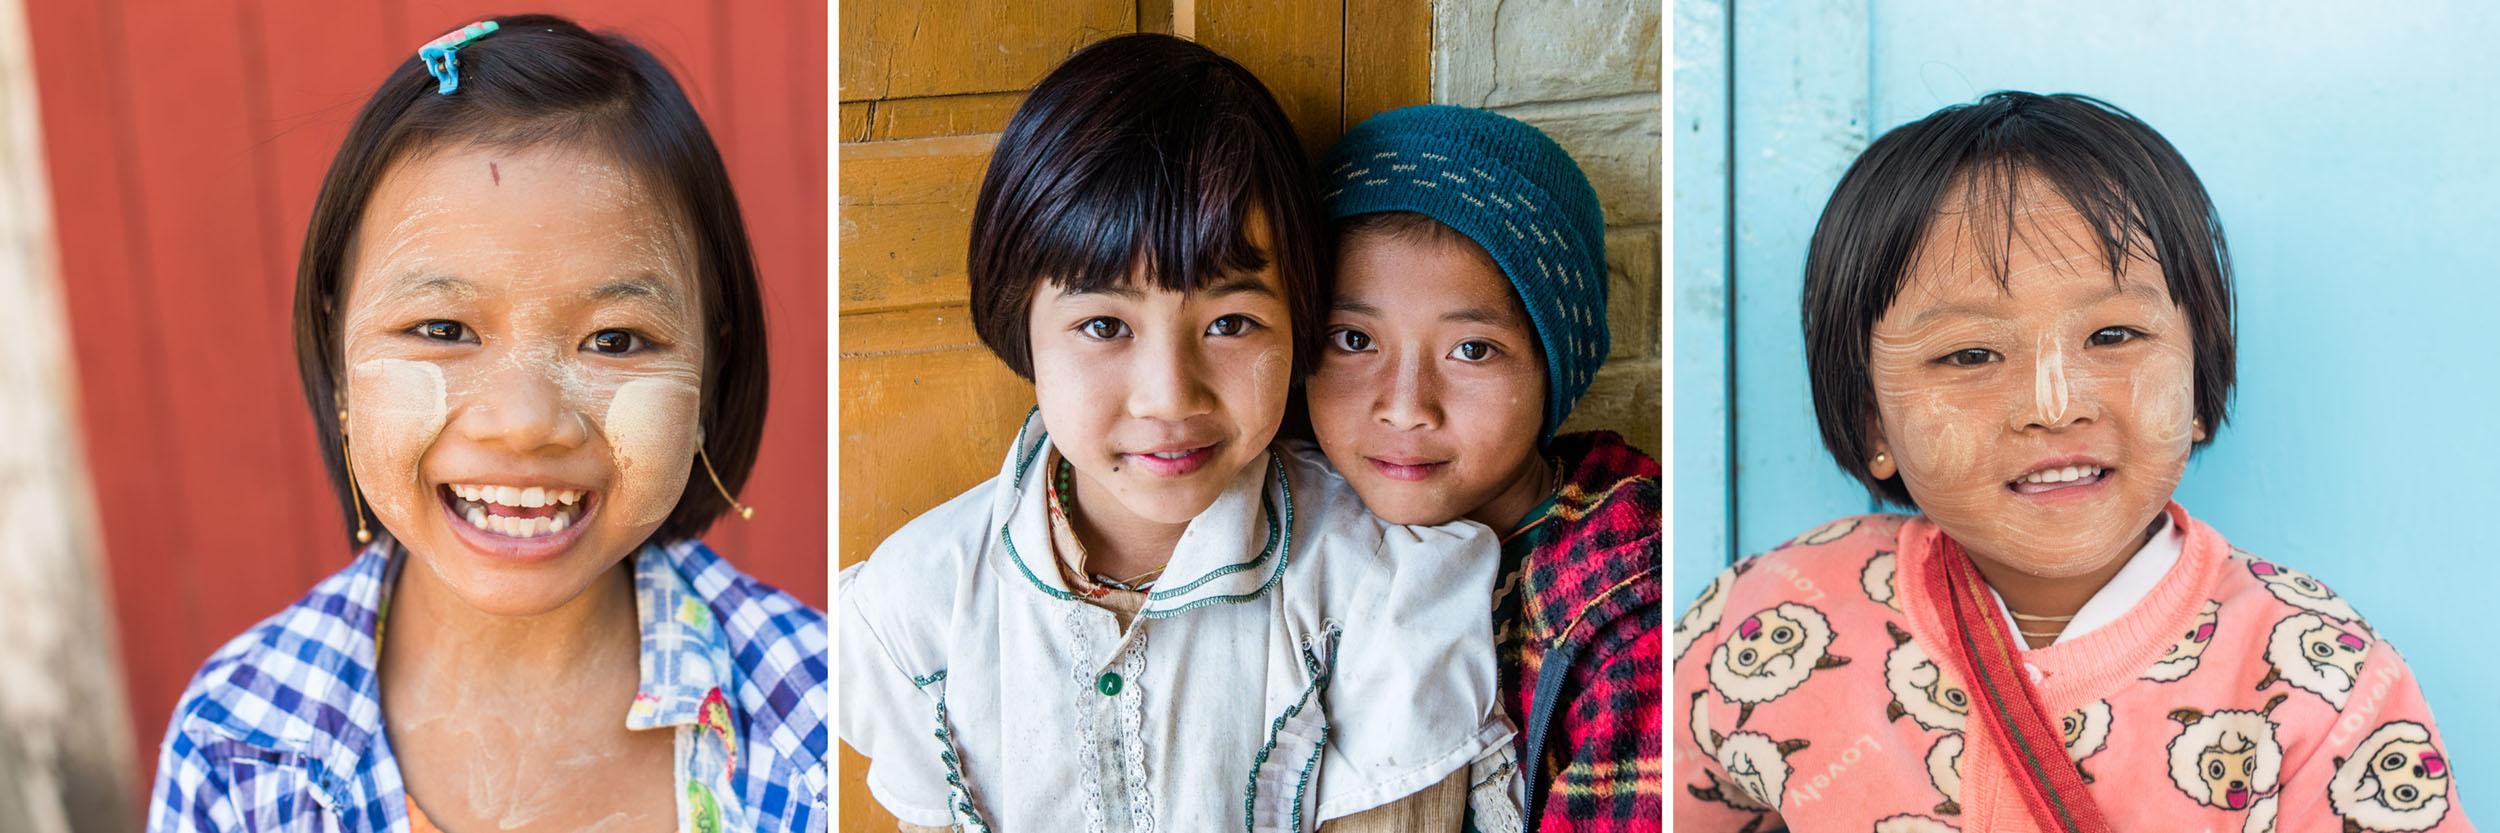 Drieluik van kinderen gefotografeerd in Myanmar: kleur